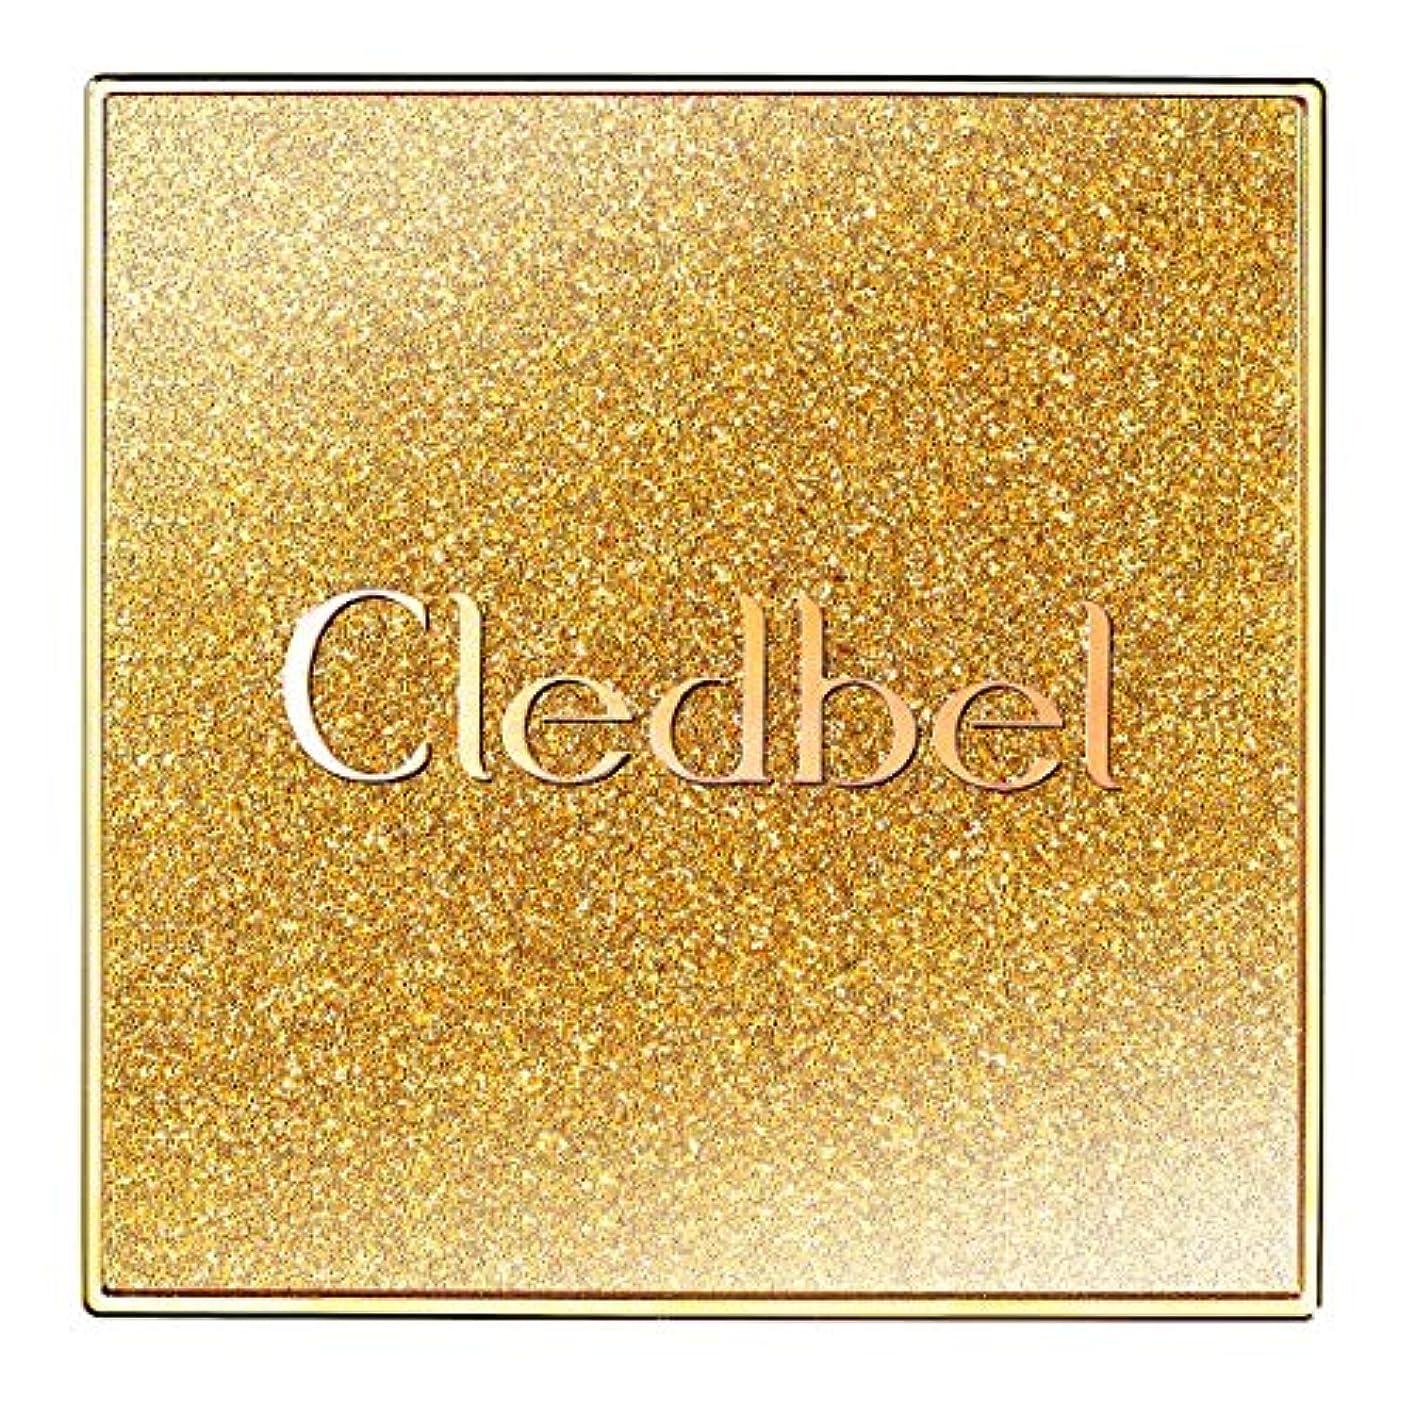 視聴者雨のセンサー[Cledbel] Miracle Power Lift V Cushion SPF50+ PA+++ GOLD EDITION/クレッドベルミラクルリフトV クッション [並行輸入品]